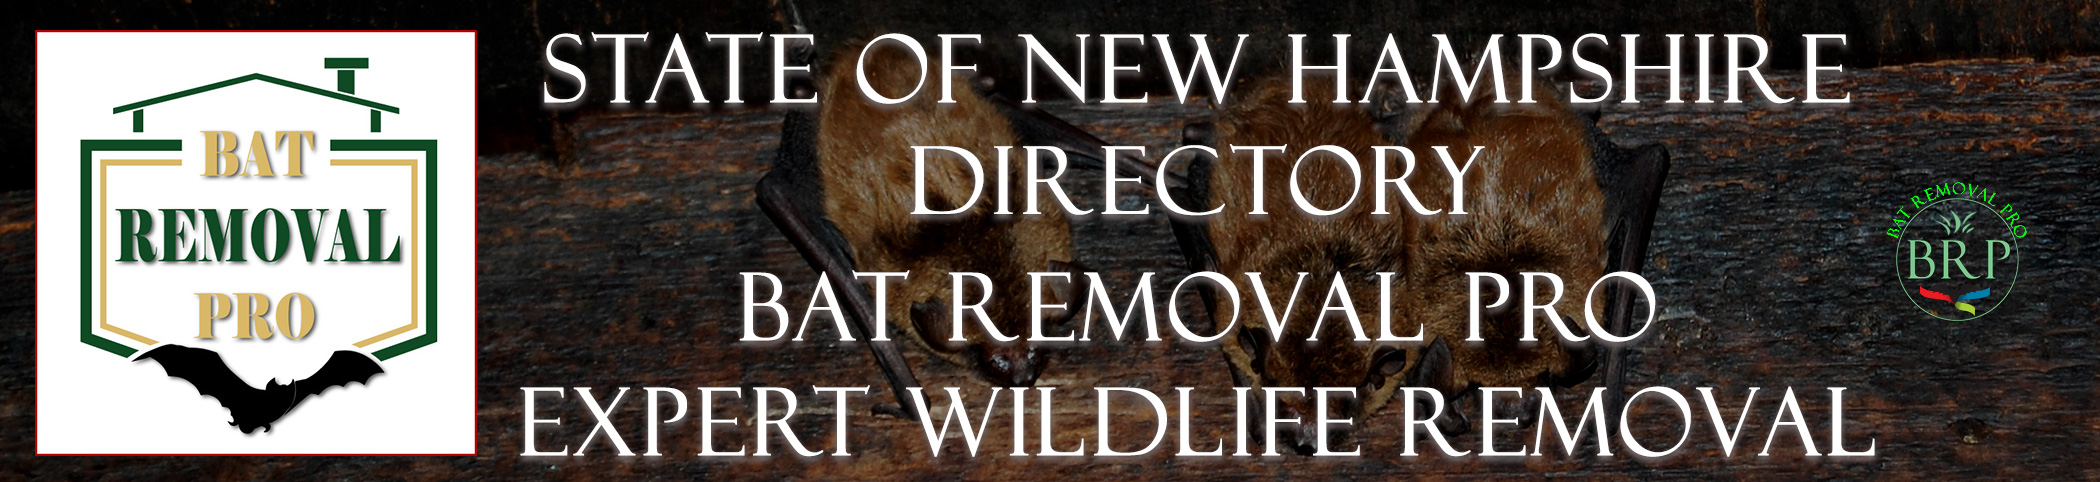 new hampshire header image at bat removal pro